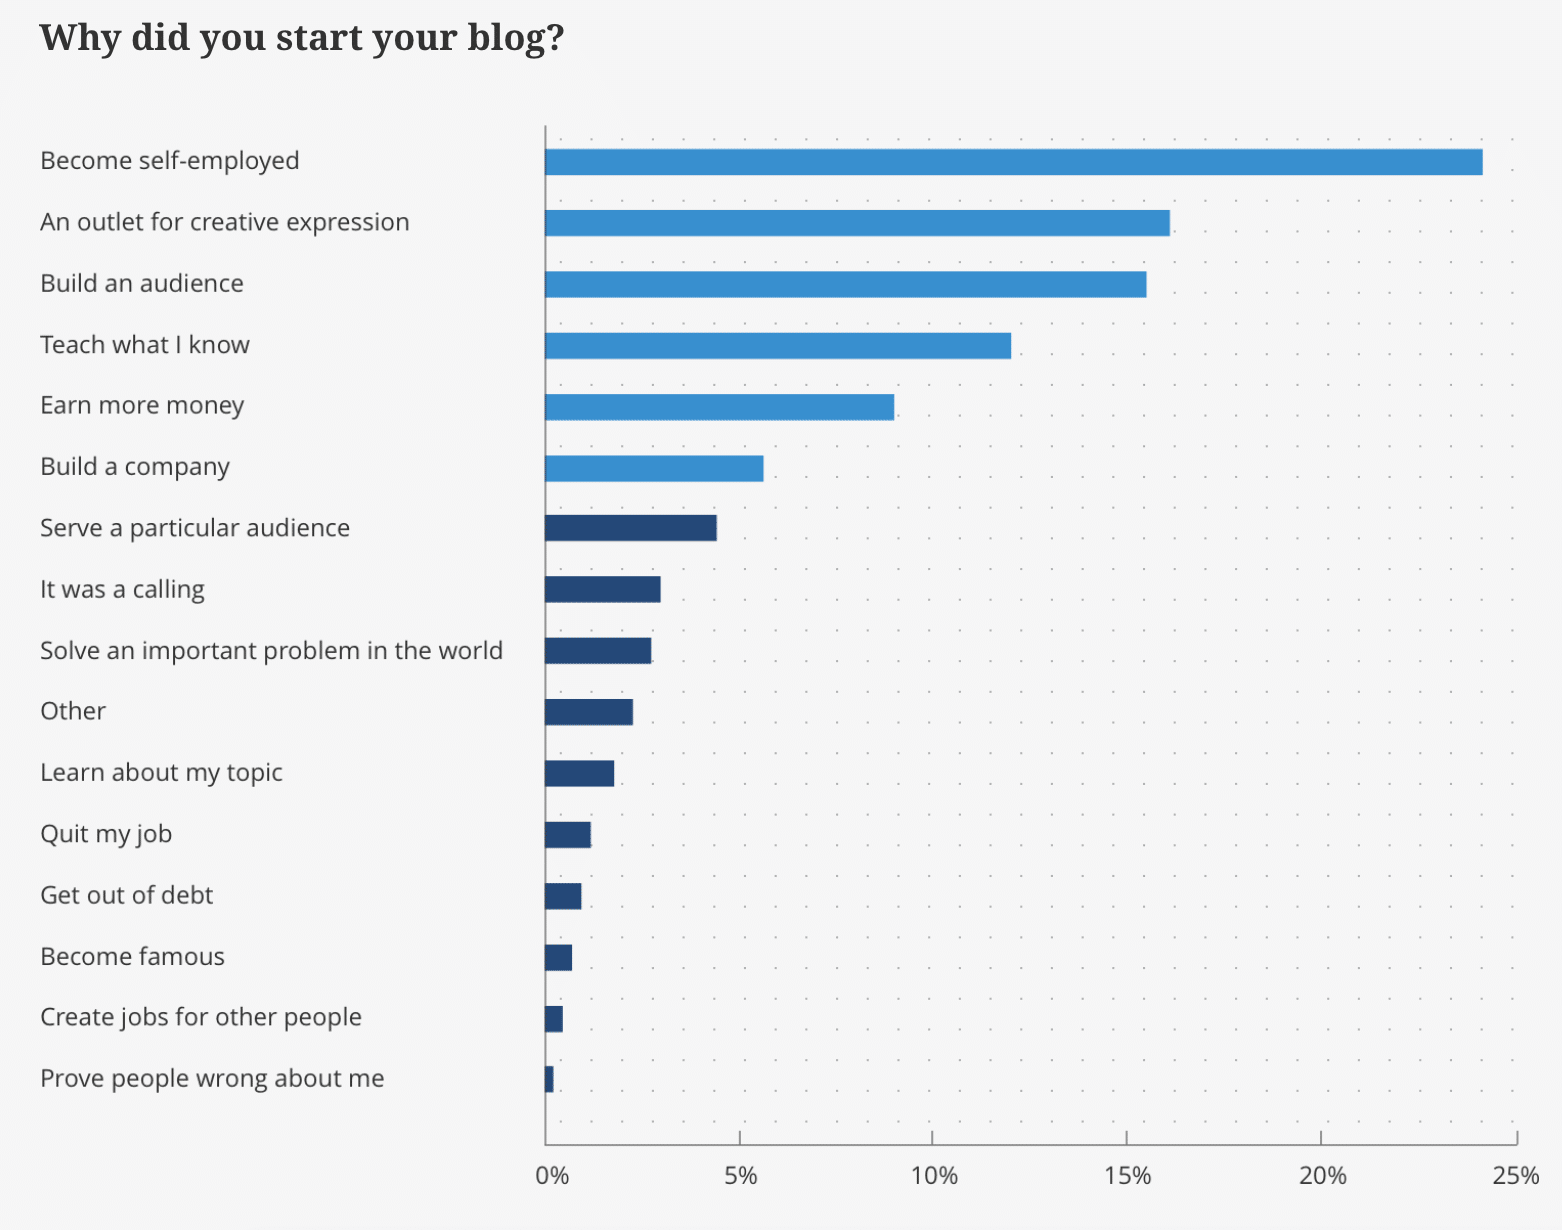 Perché hai aperto il tuo blog?